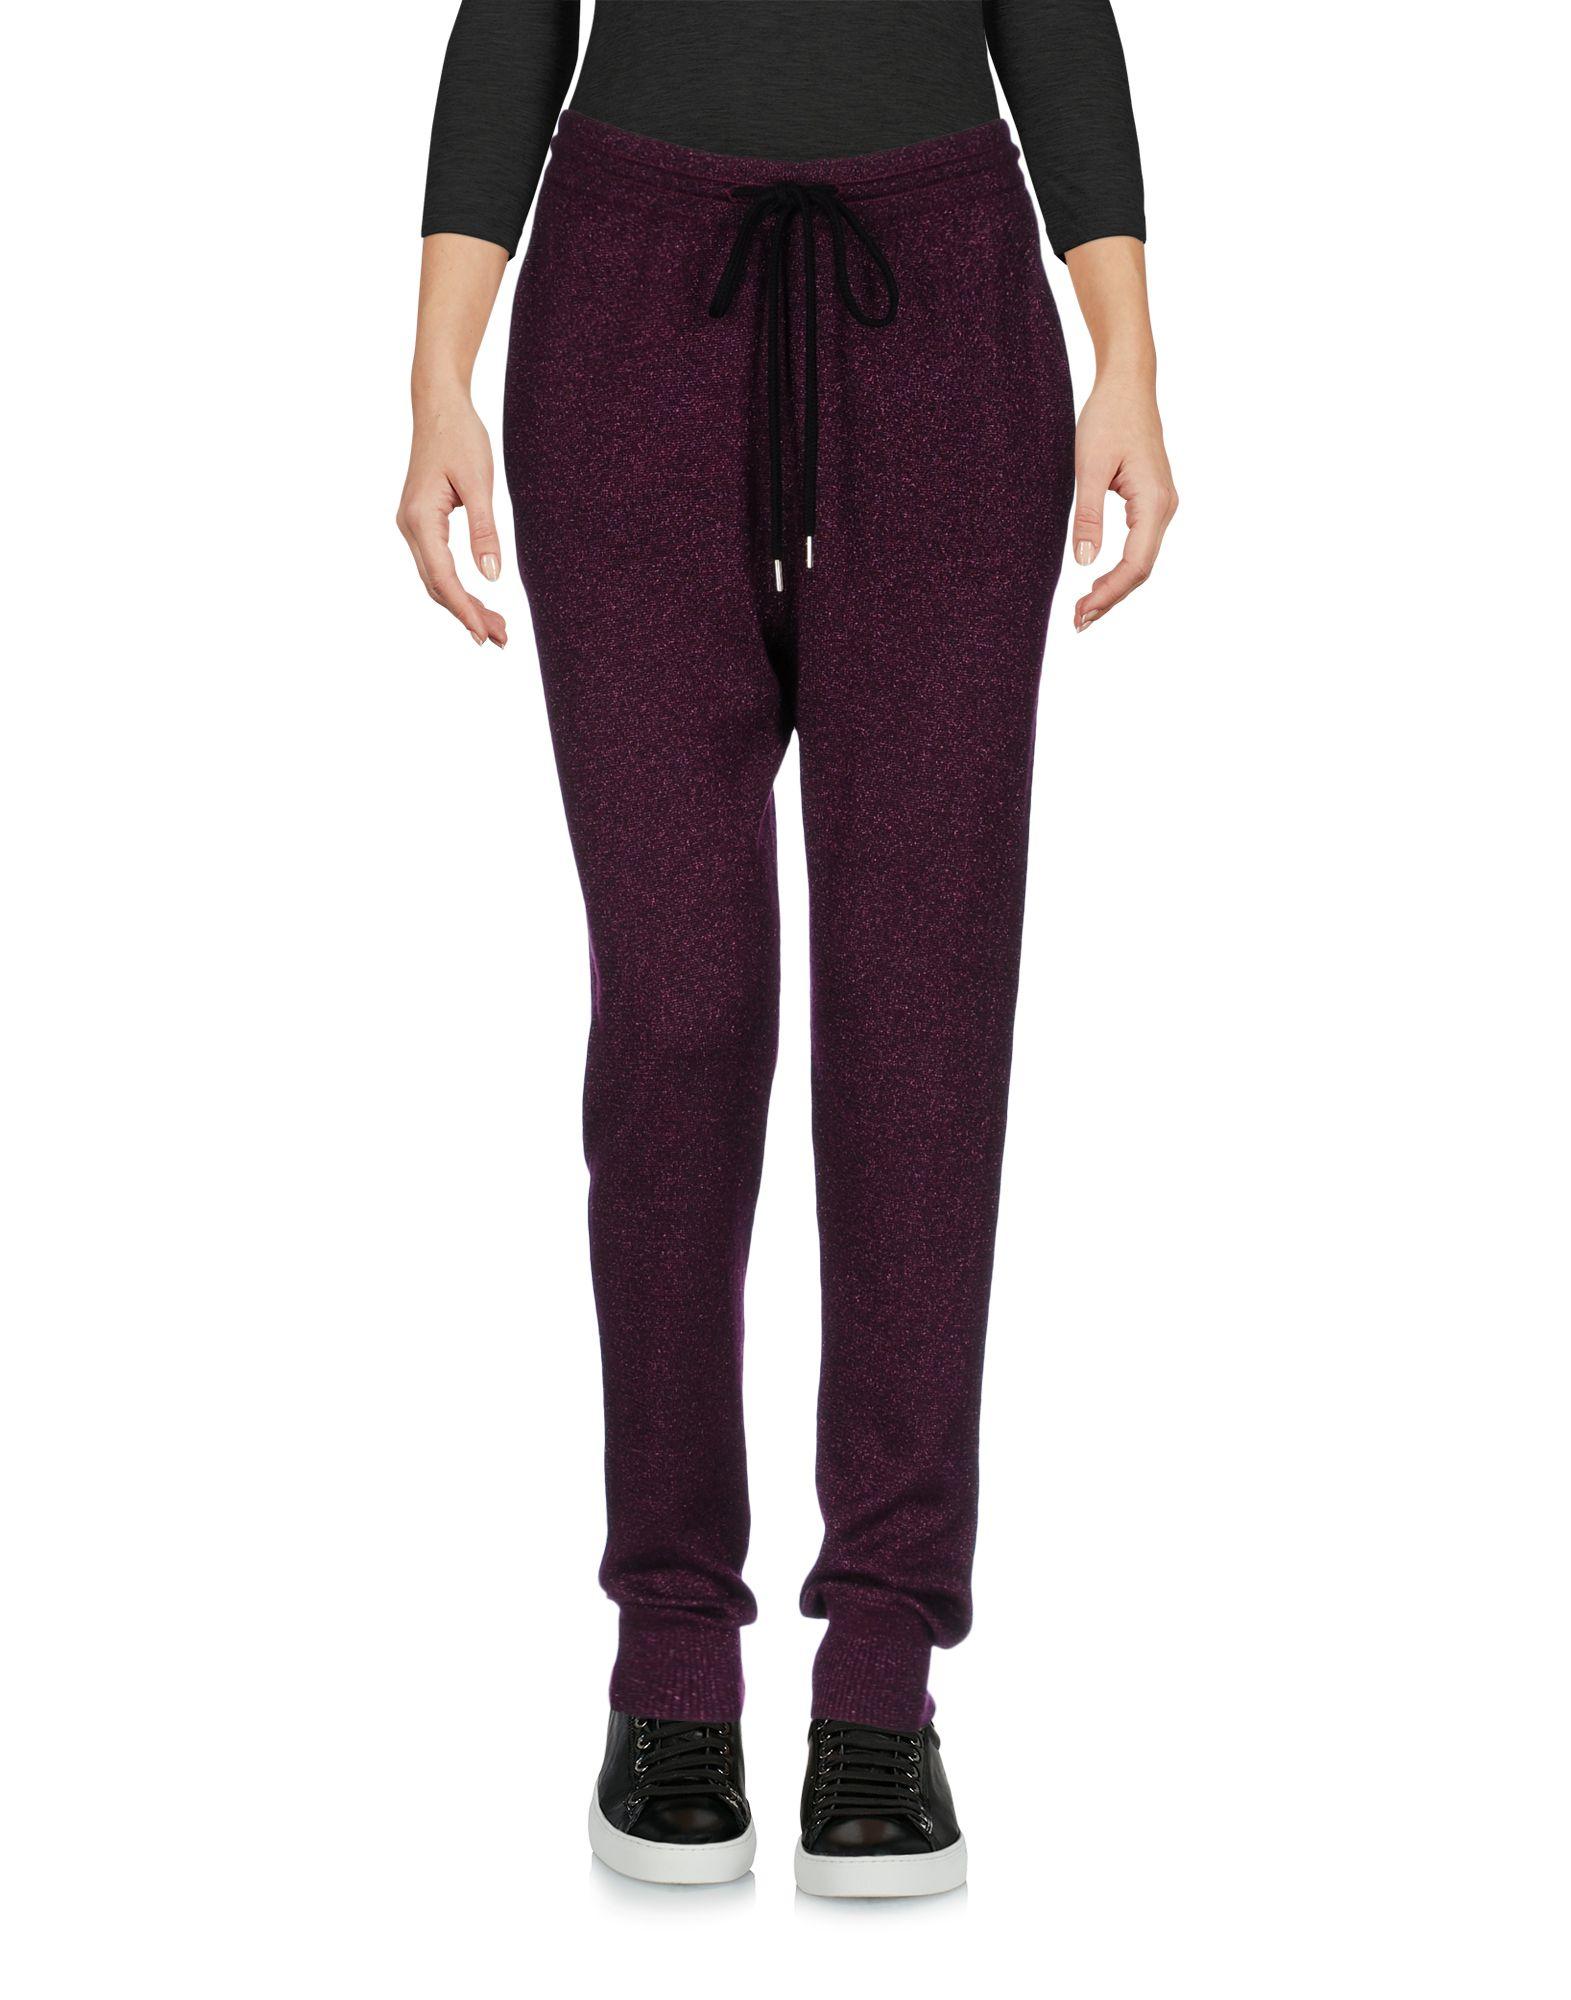 Pantalone Markus Lupfer Donna - Acquista online su KHt3cDFEiz